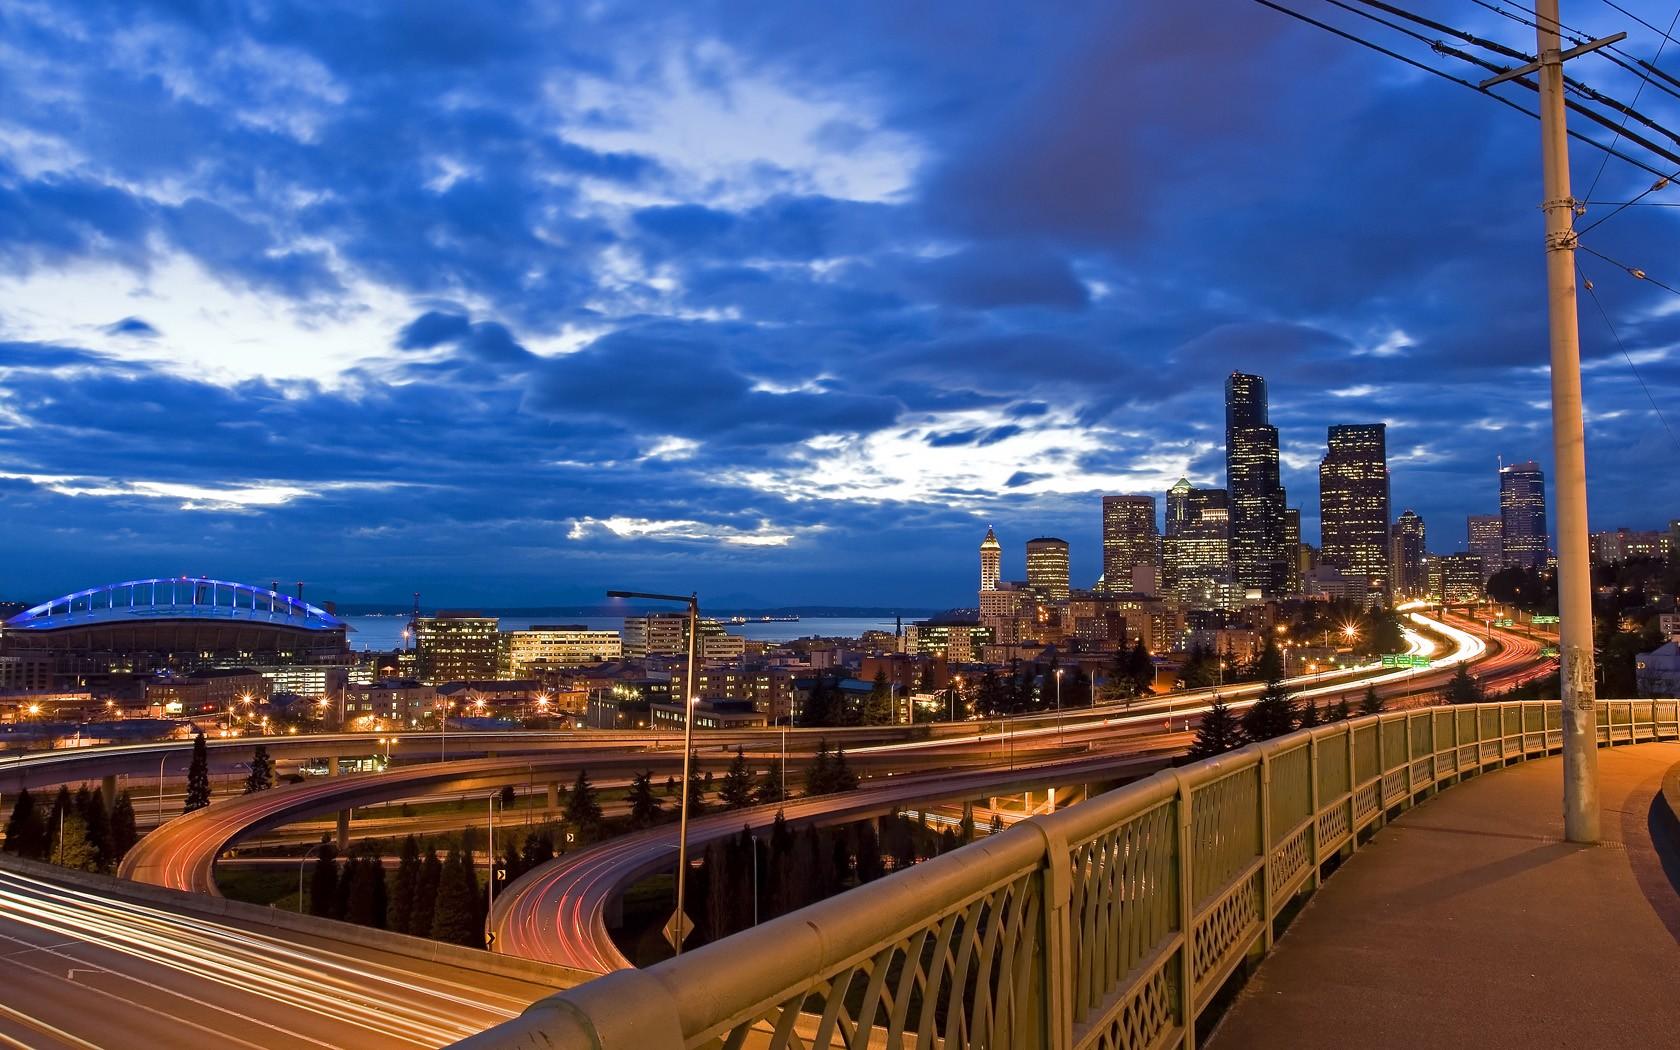 ... clouds cityscapes bridges buildings detroit skyscrapers roads long ...